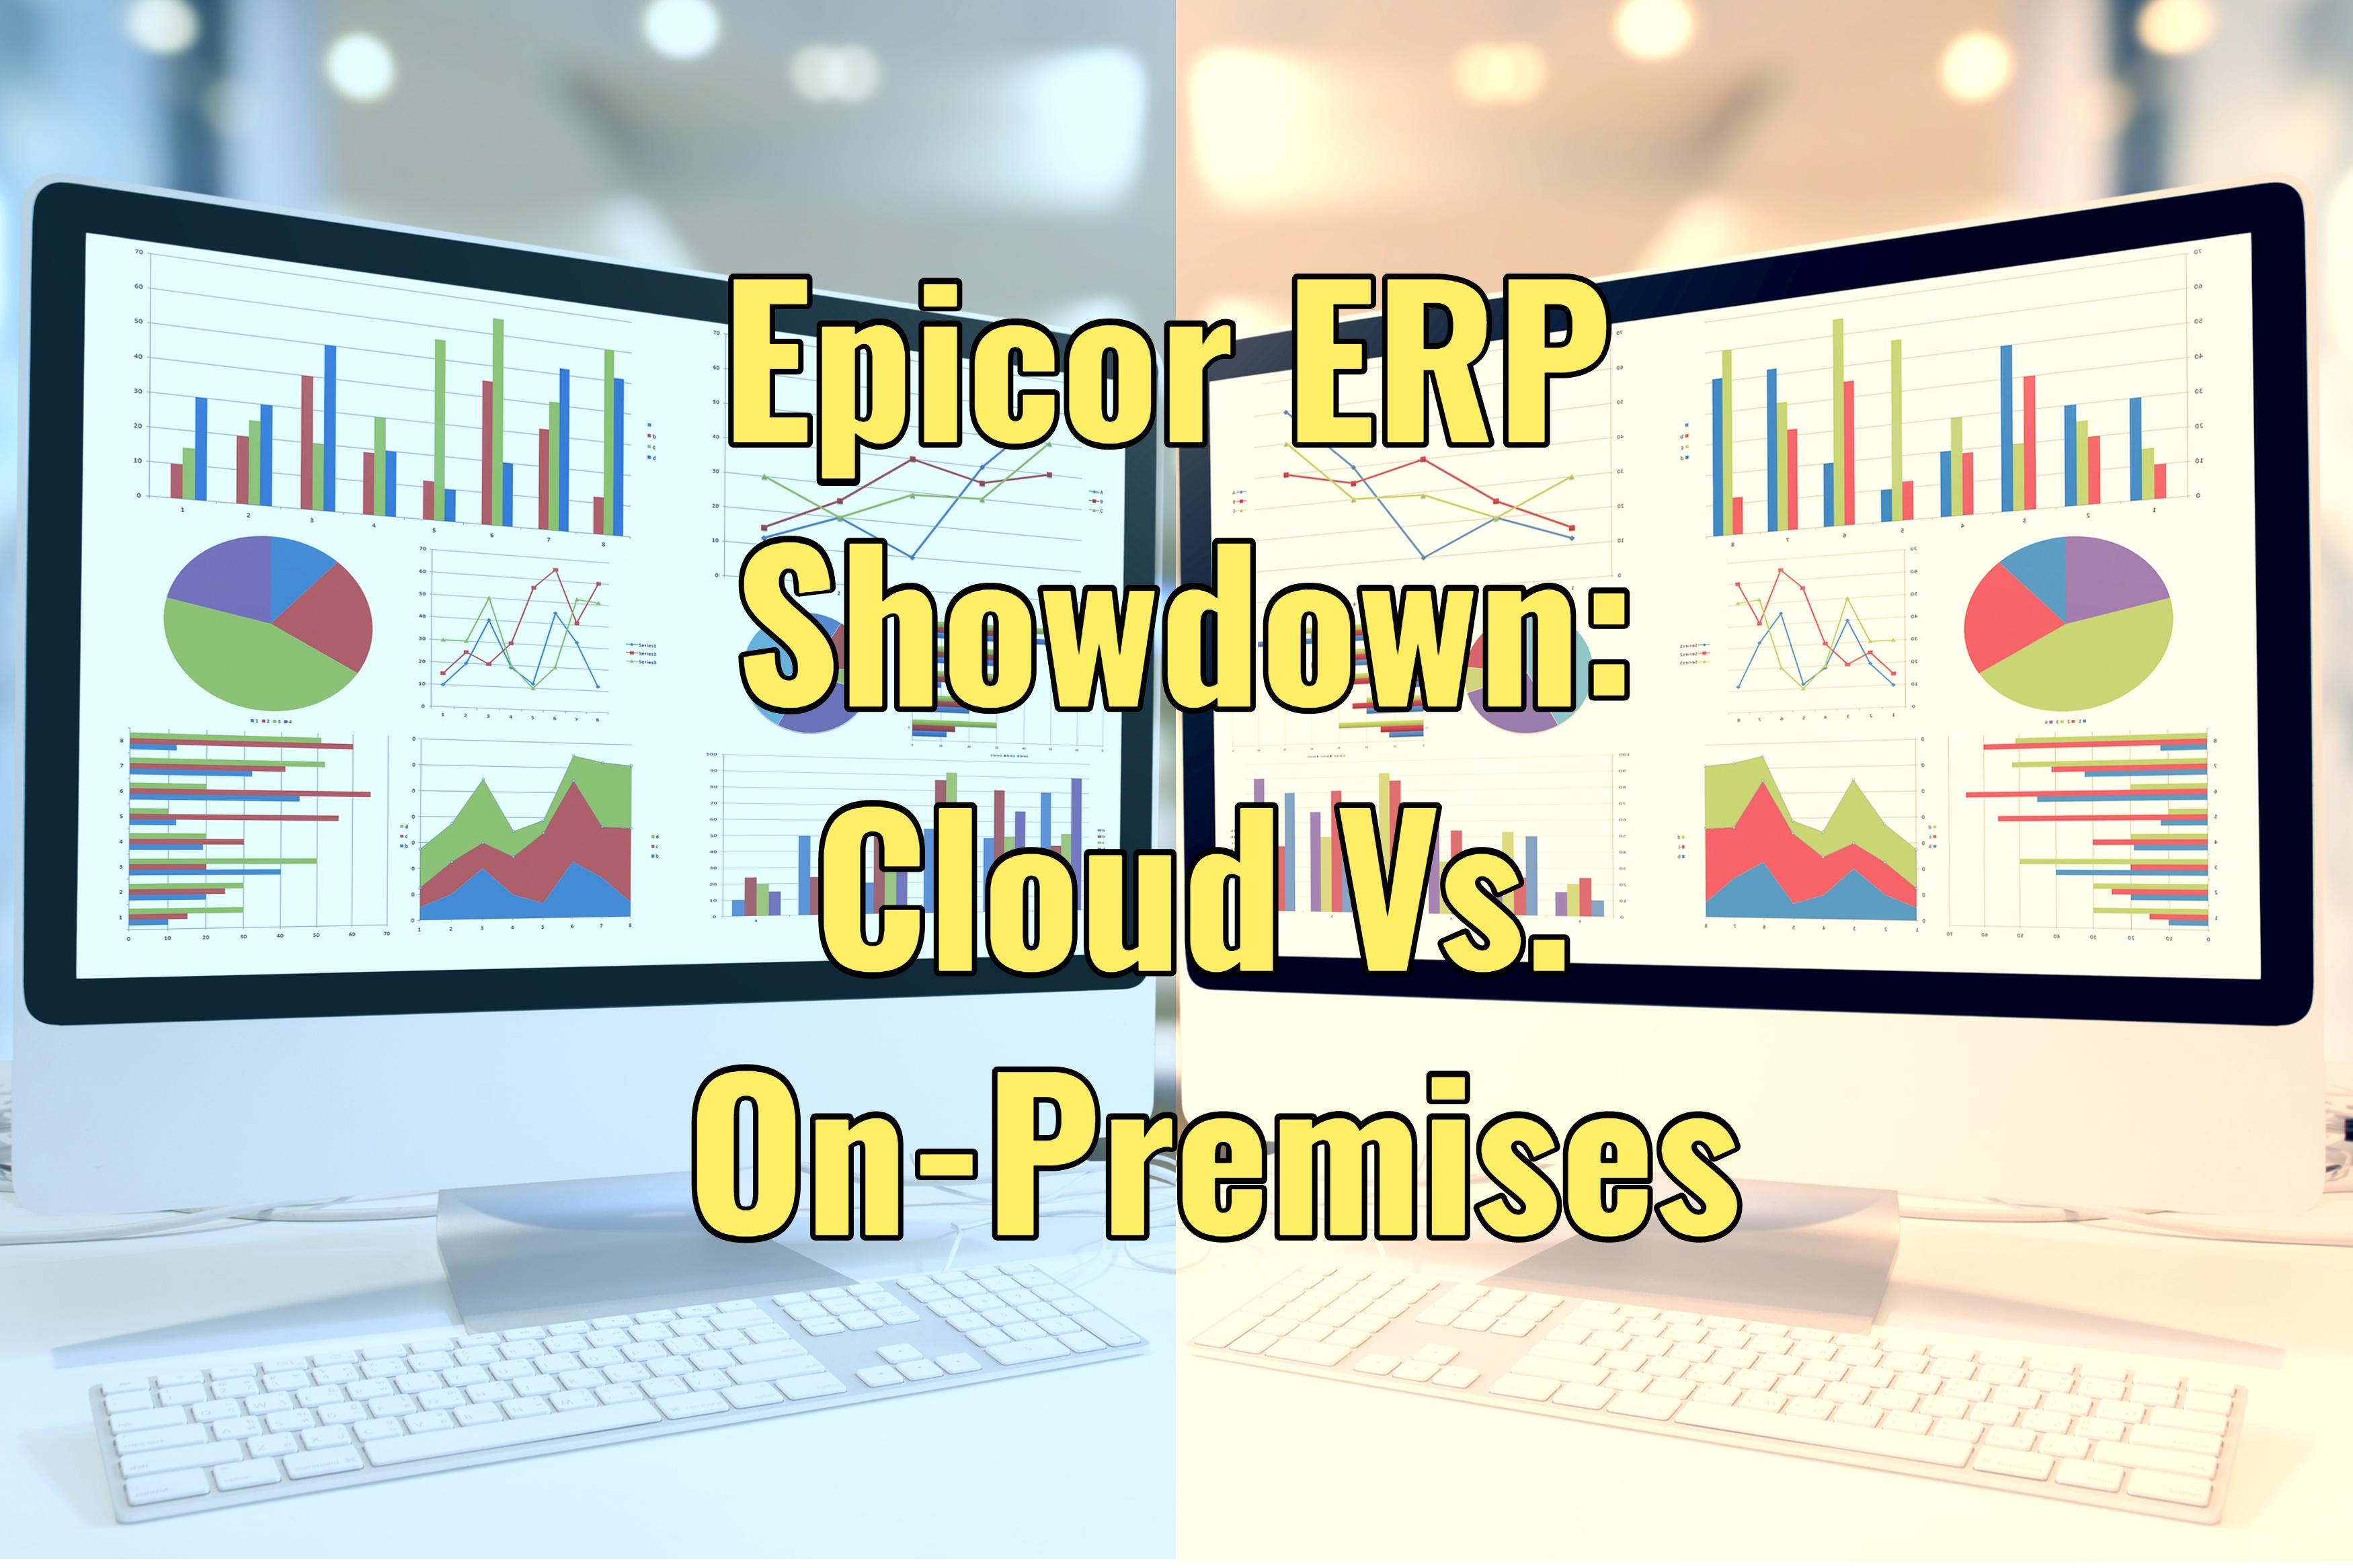 Epicor ERP Showdown: Cloud Vs. On-Premises